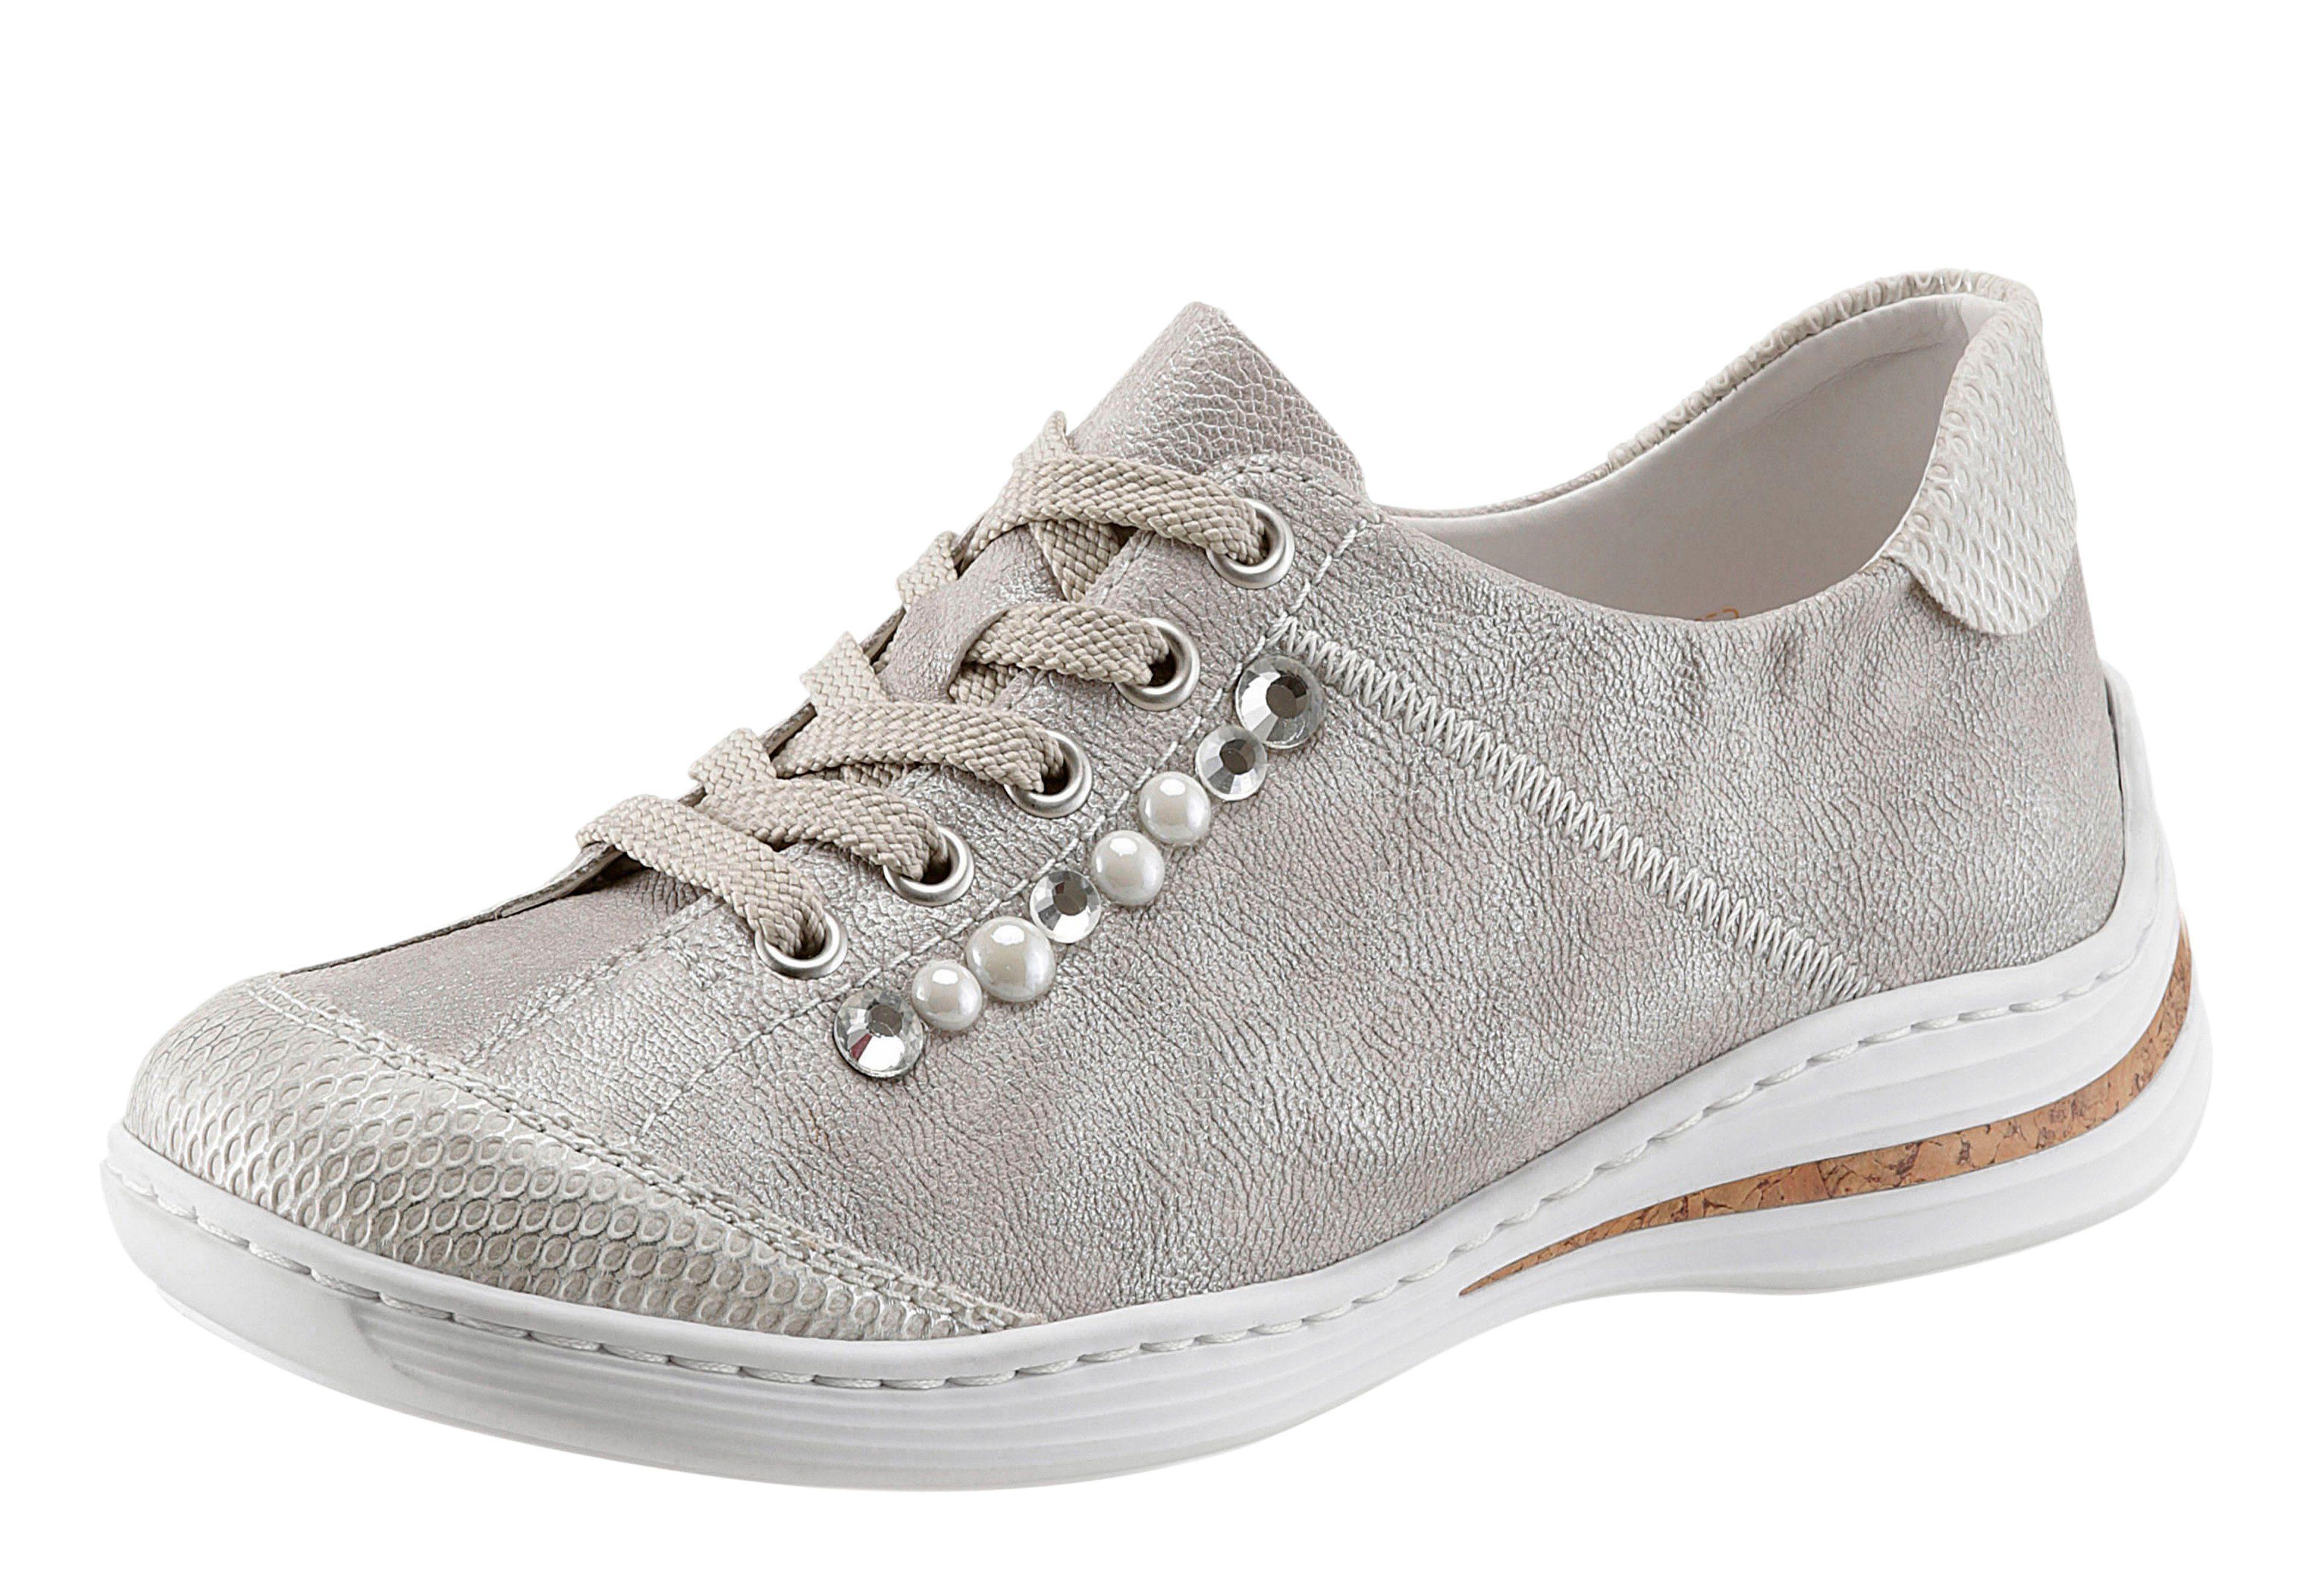 Rieker Sneaker, mit angesagten Perlen und Schmucksteinen besetzt, grau, 40 40